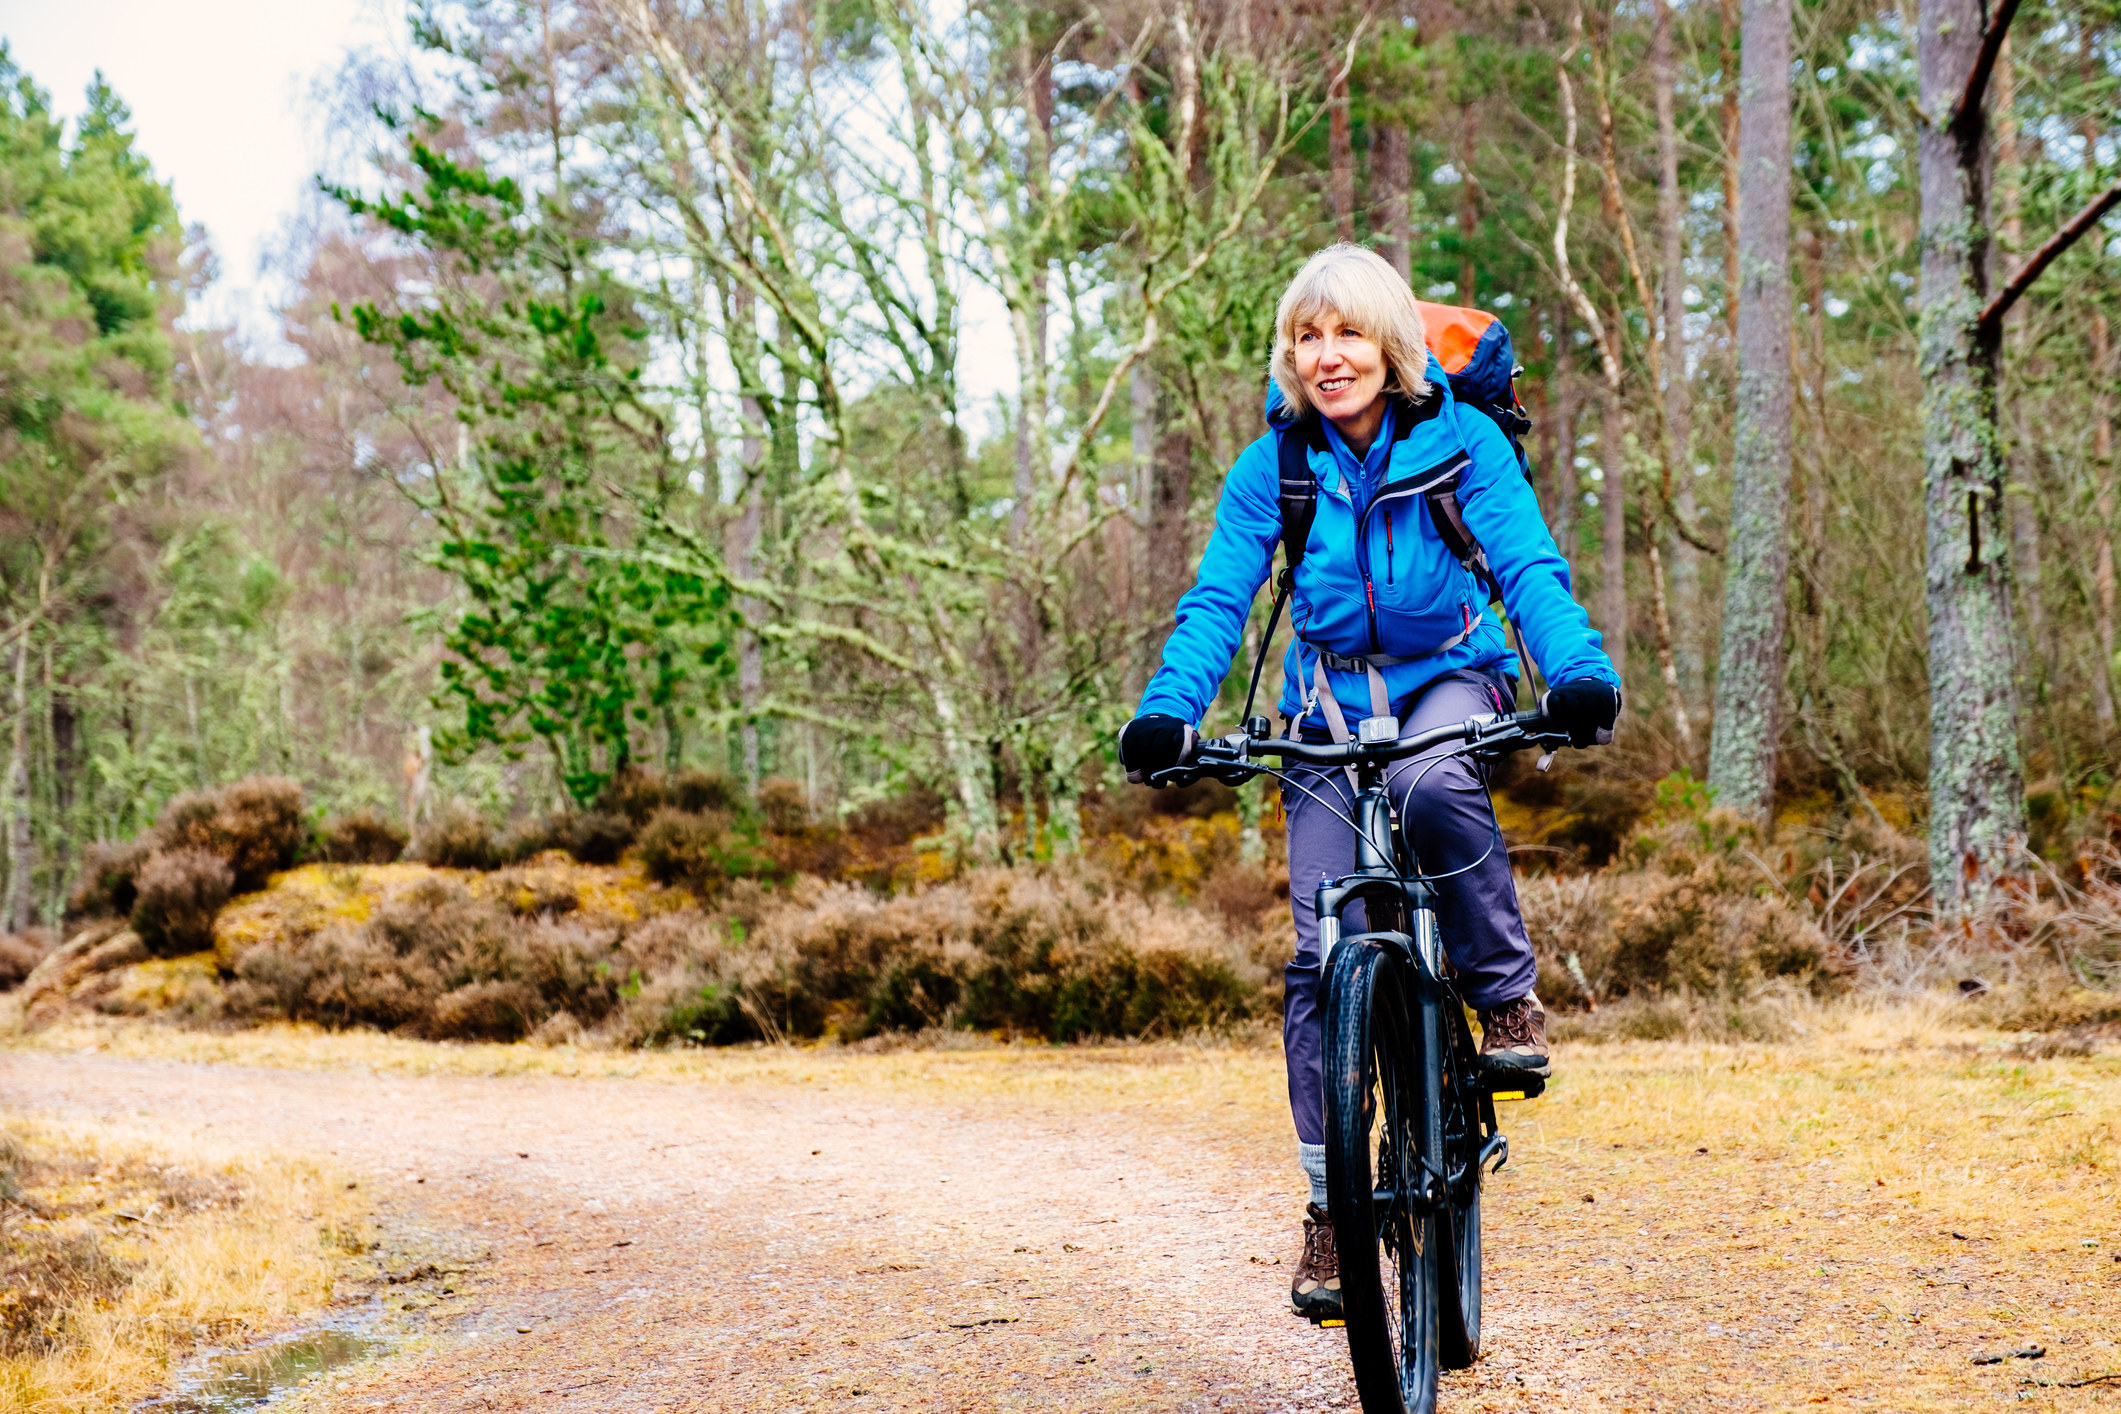 An older woman biking on a rural trail